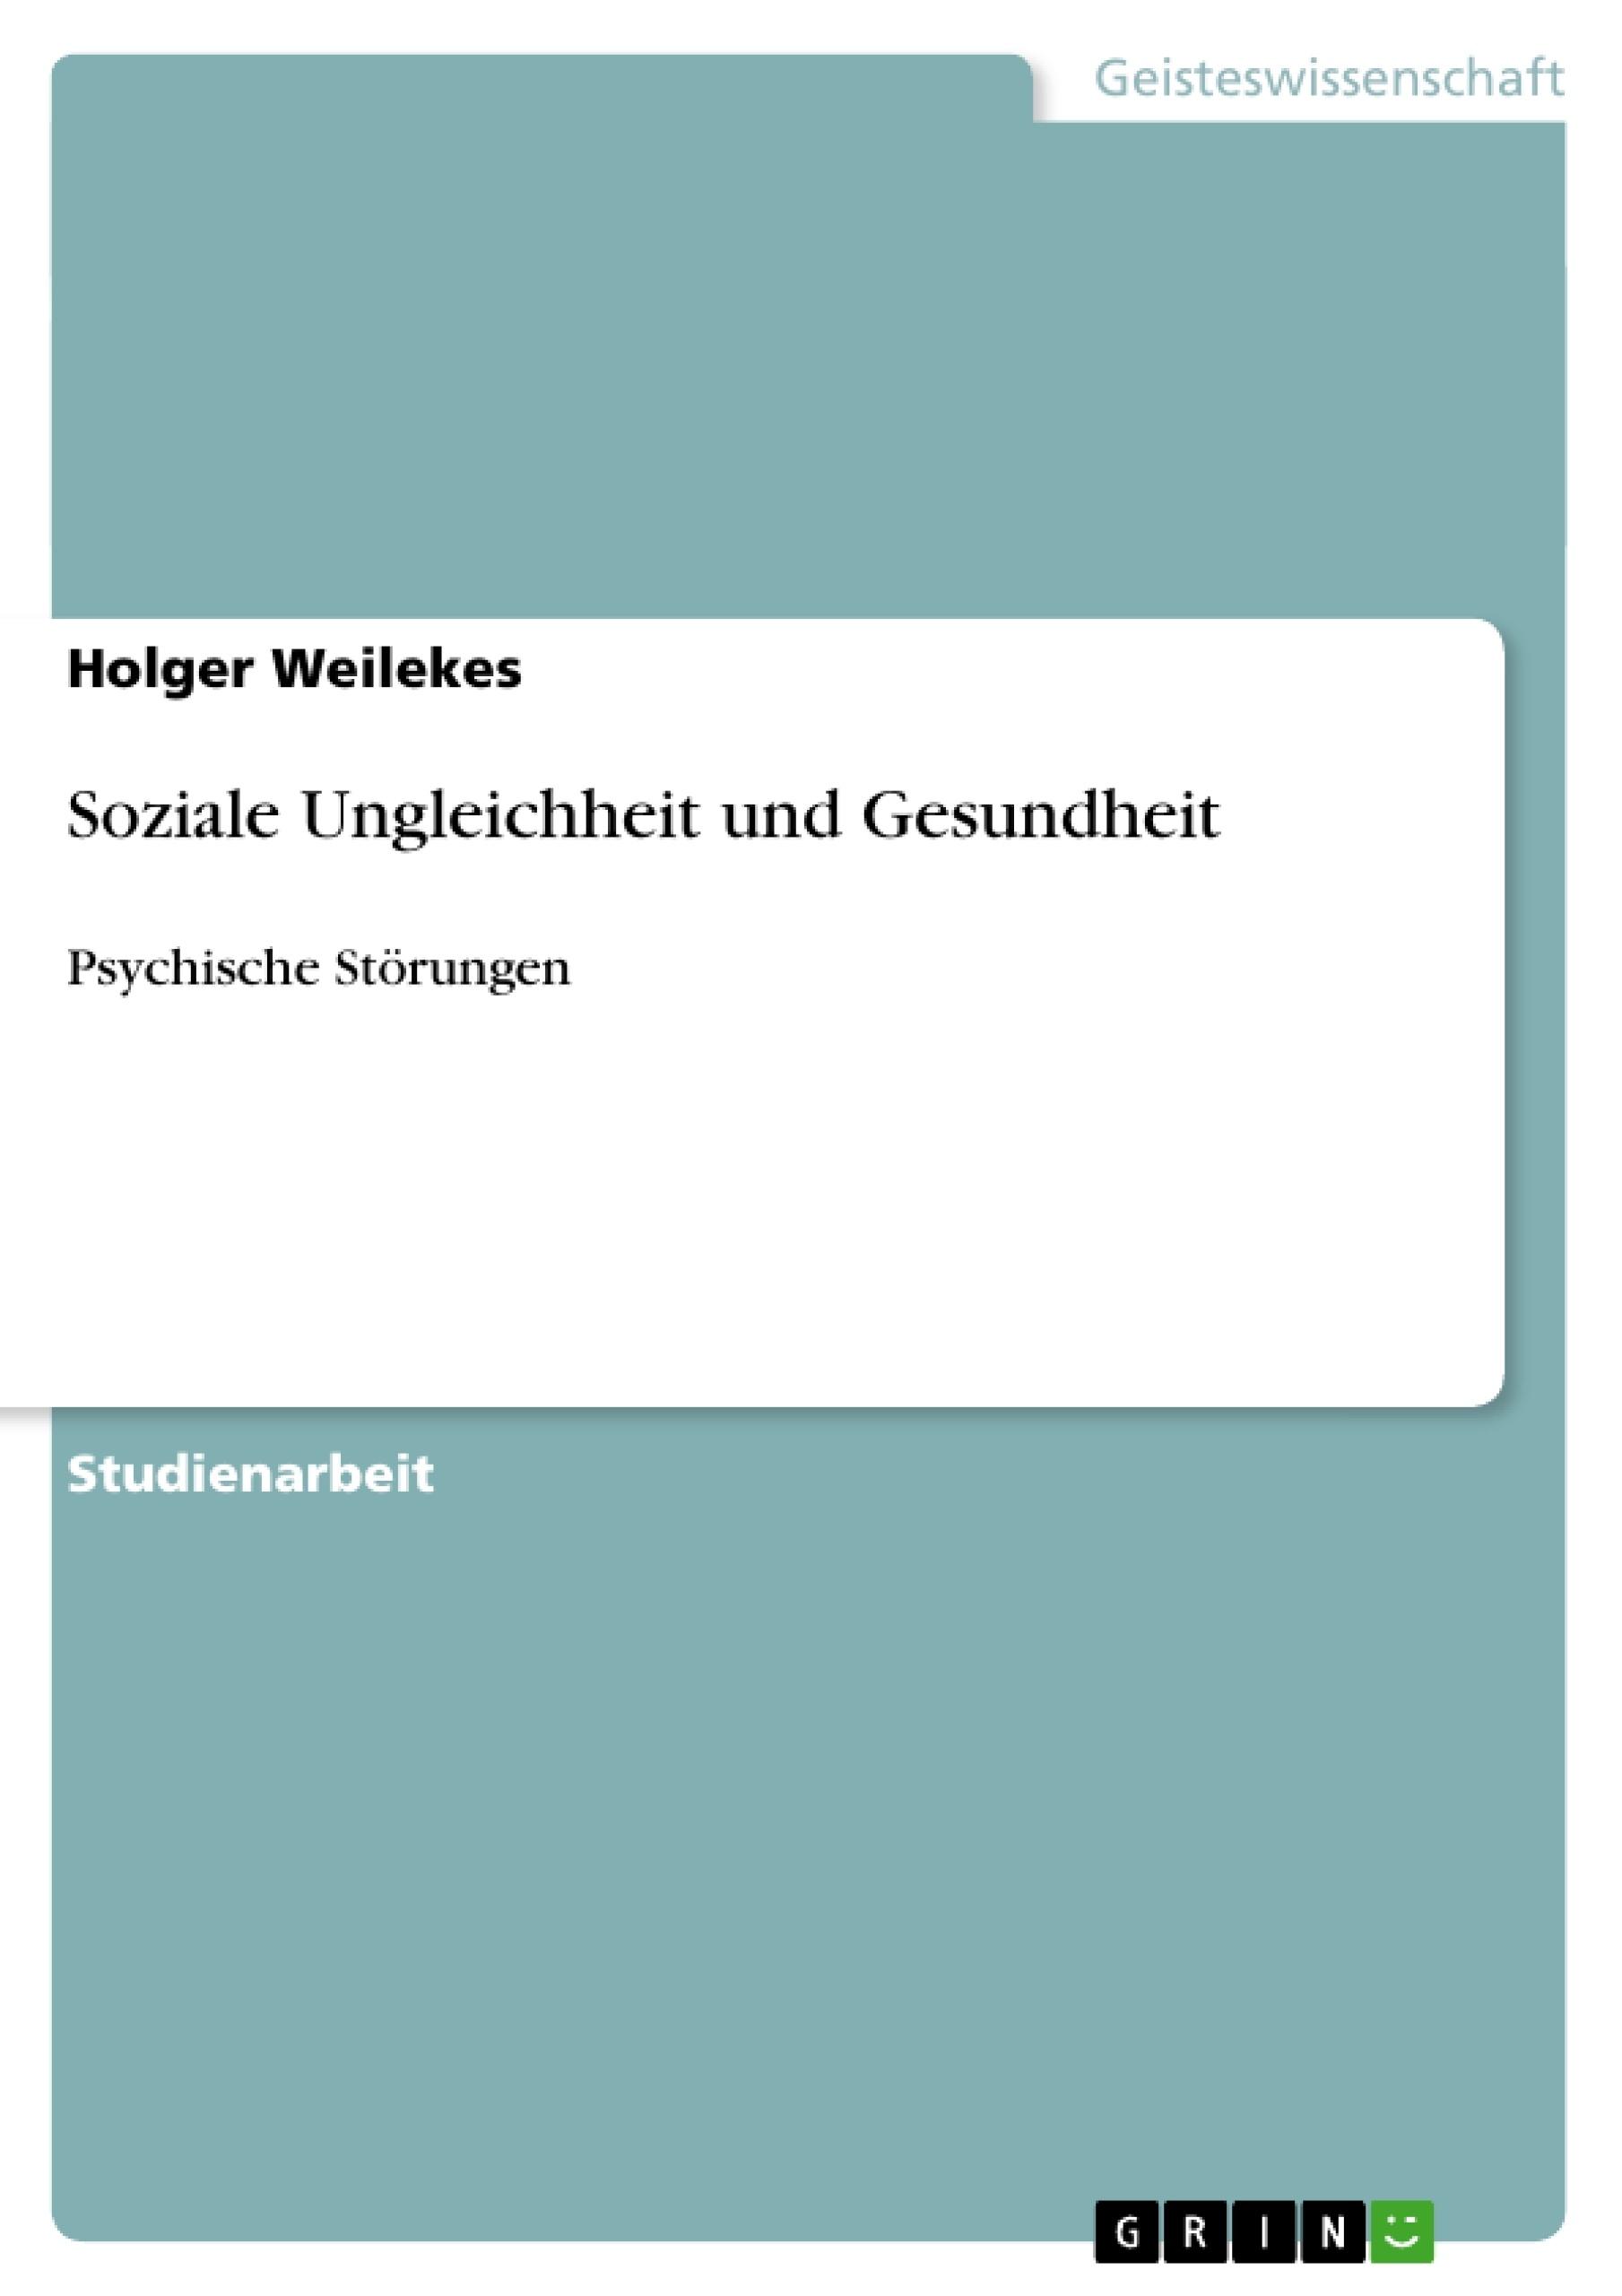 Titel: Soziale Ungleichheit und Gesundheit